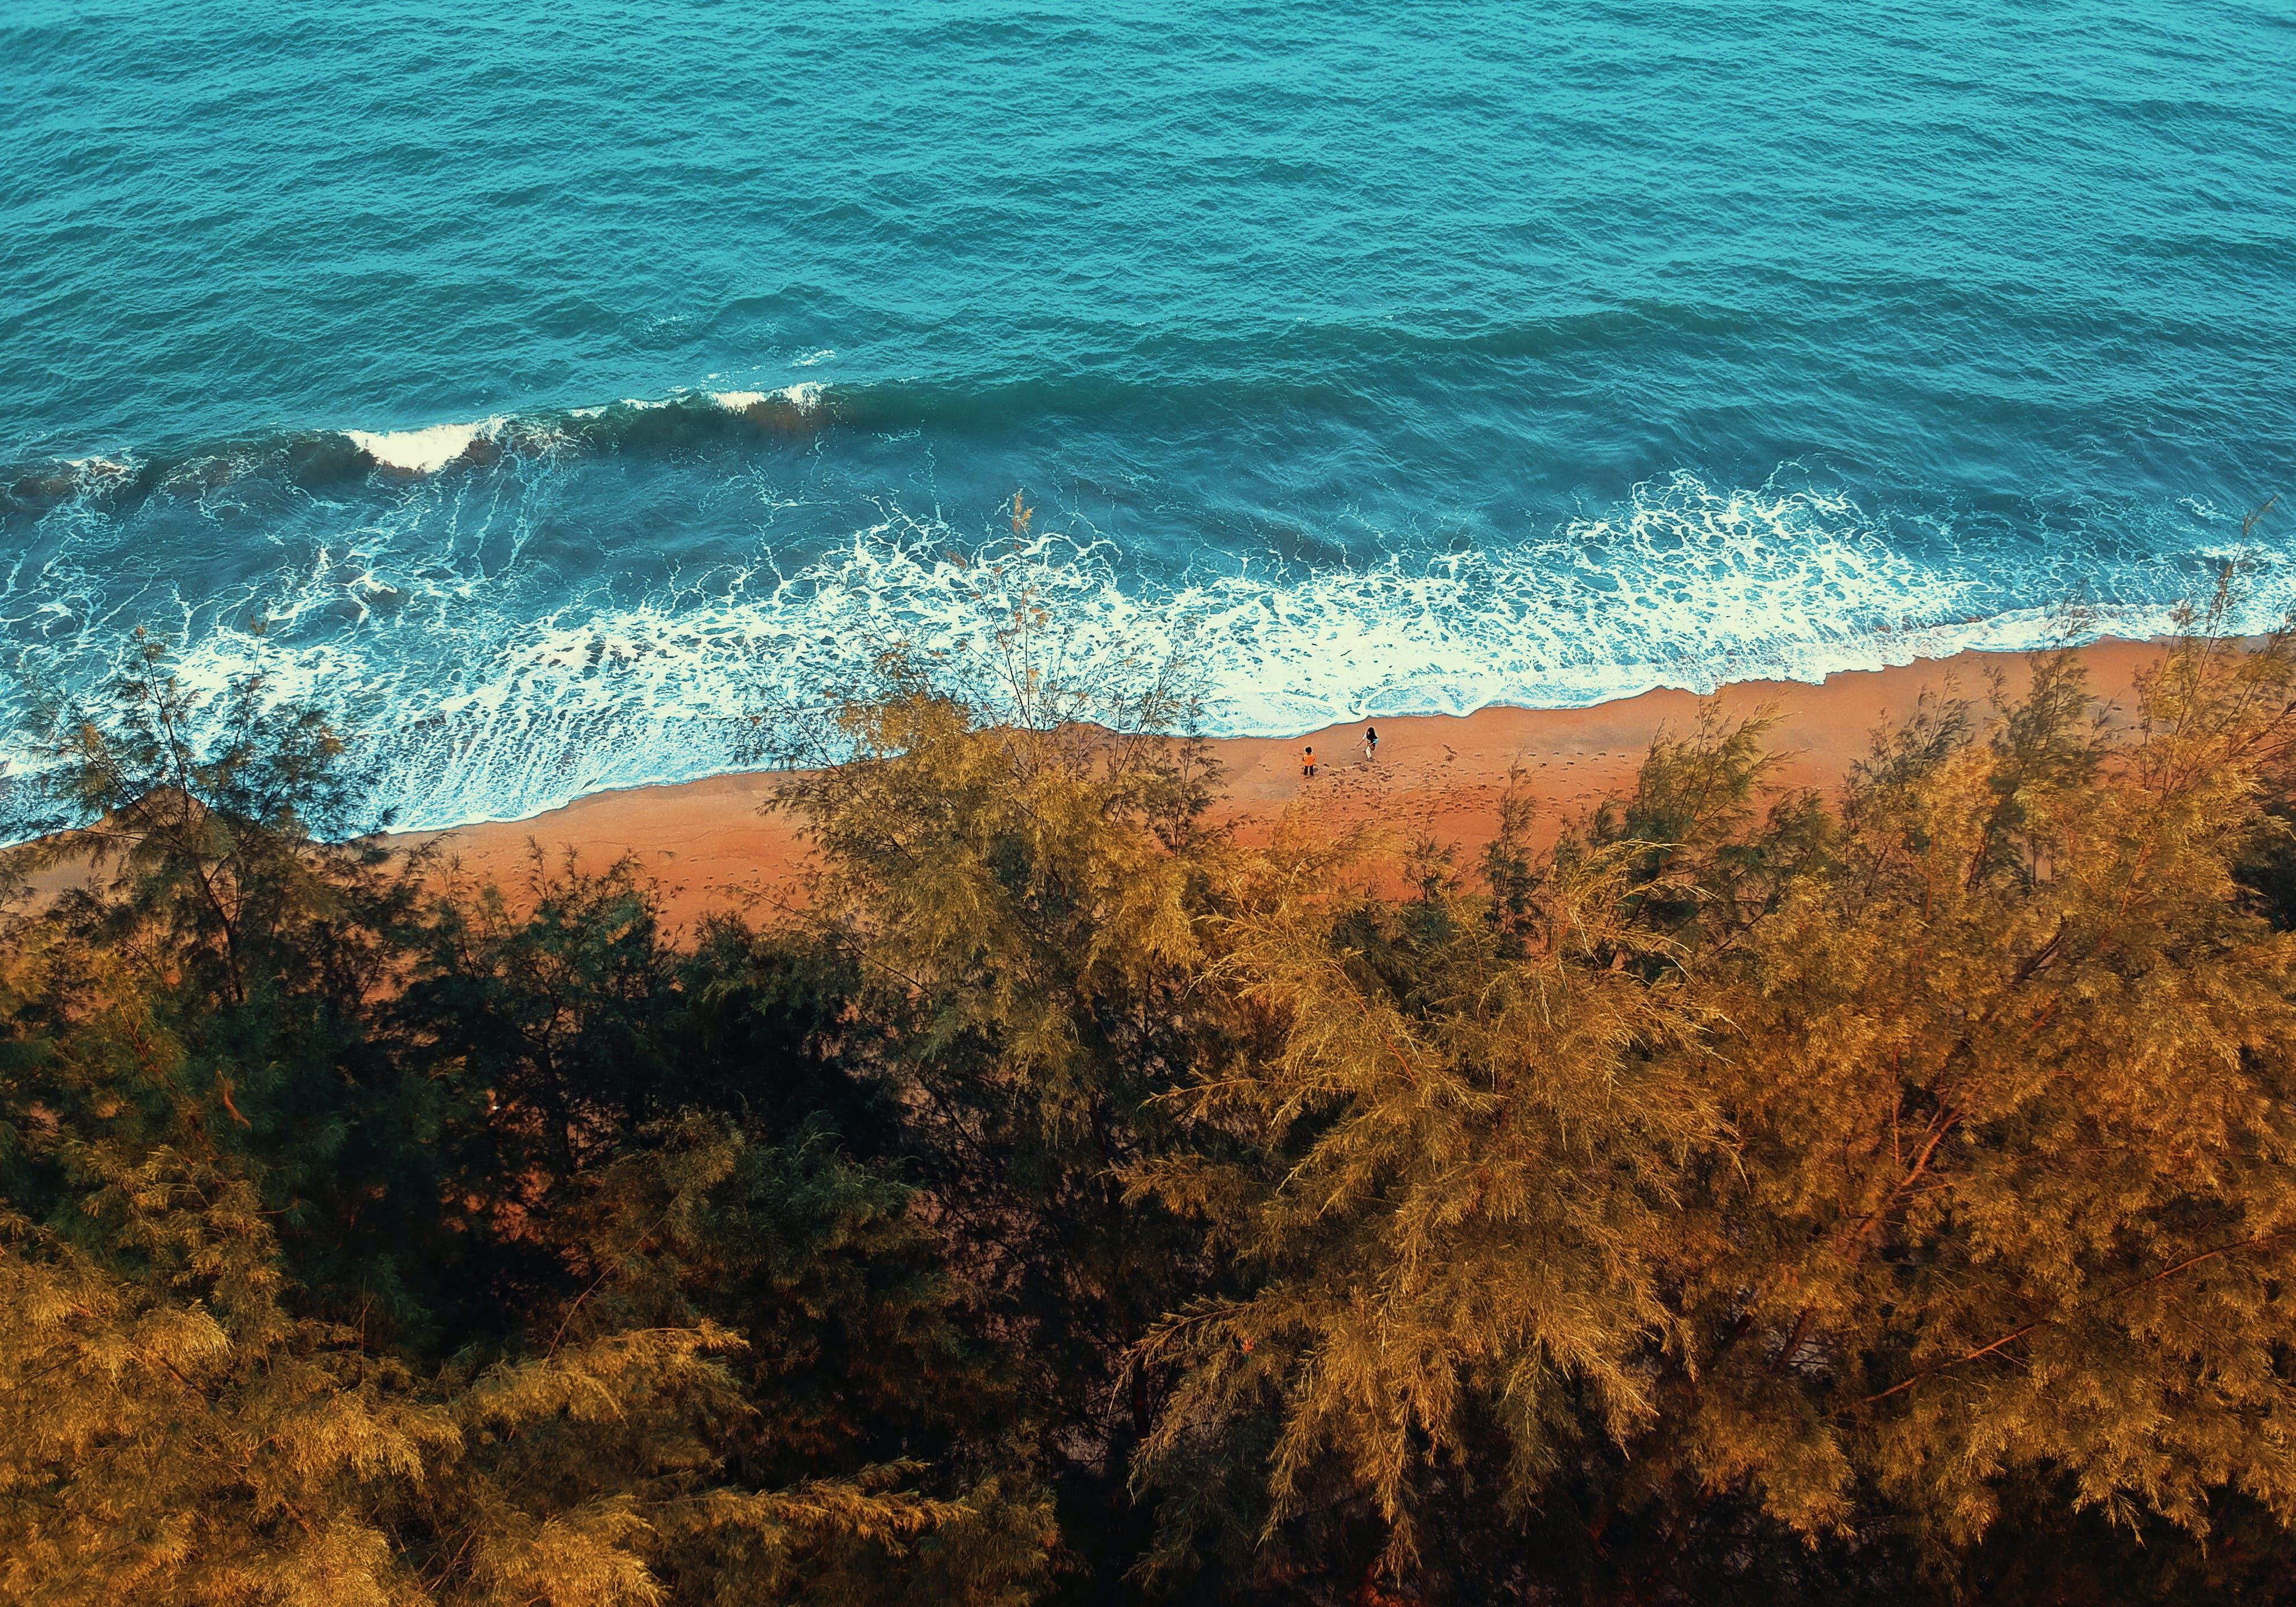 ağaçlar, çevre, dalgalar, deniz içeren Ücretsiz stok fotoğraf